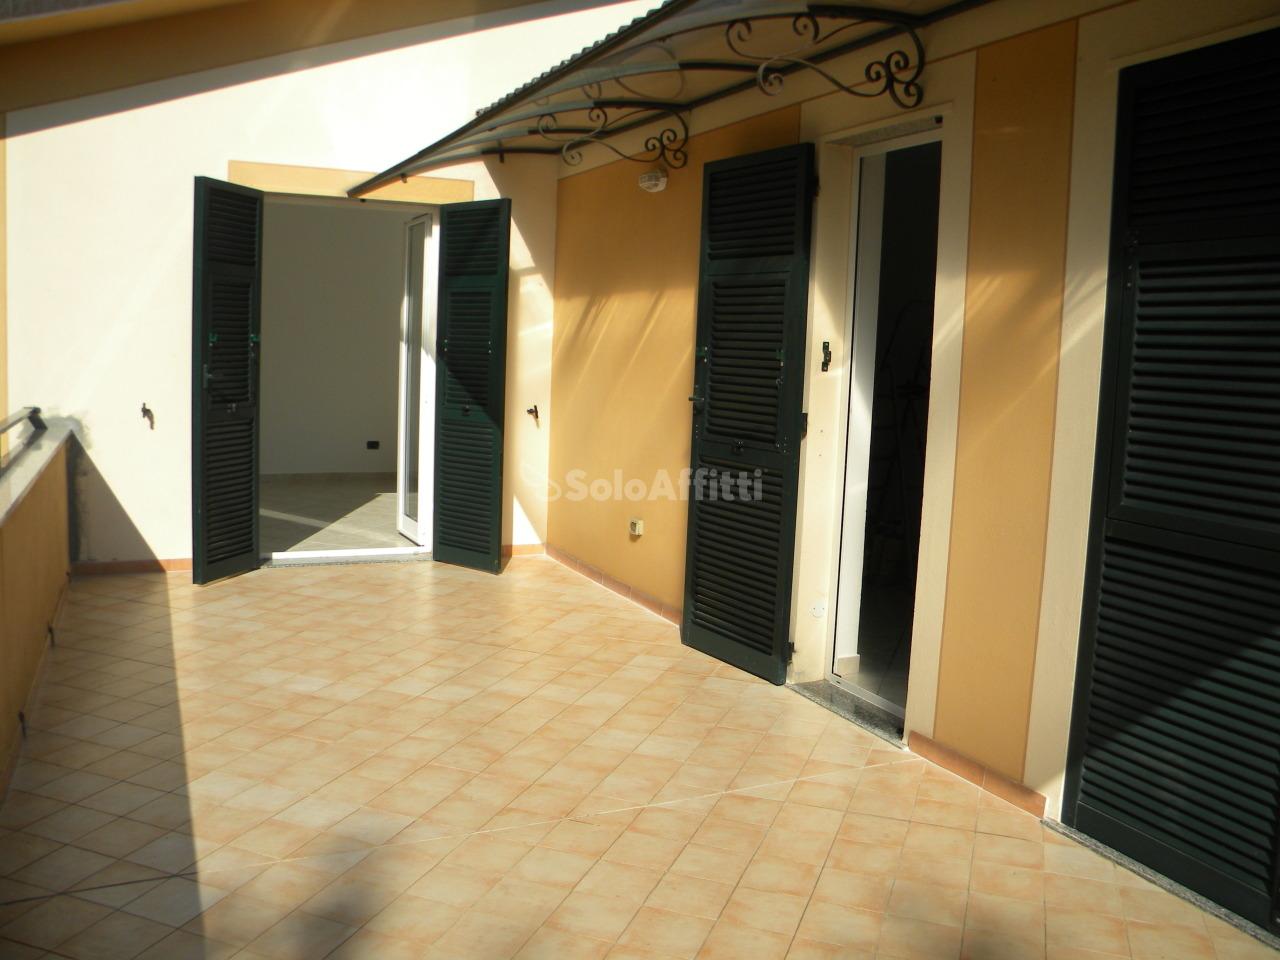 Appartamento in affitto a Mezzanego, 5 locali, prezzo € 620 | PortaleAgenzieImmobiliari.it